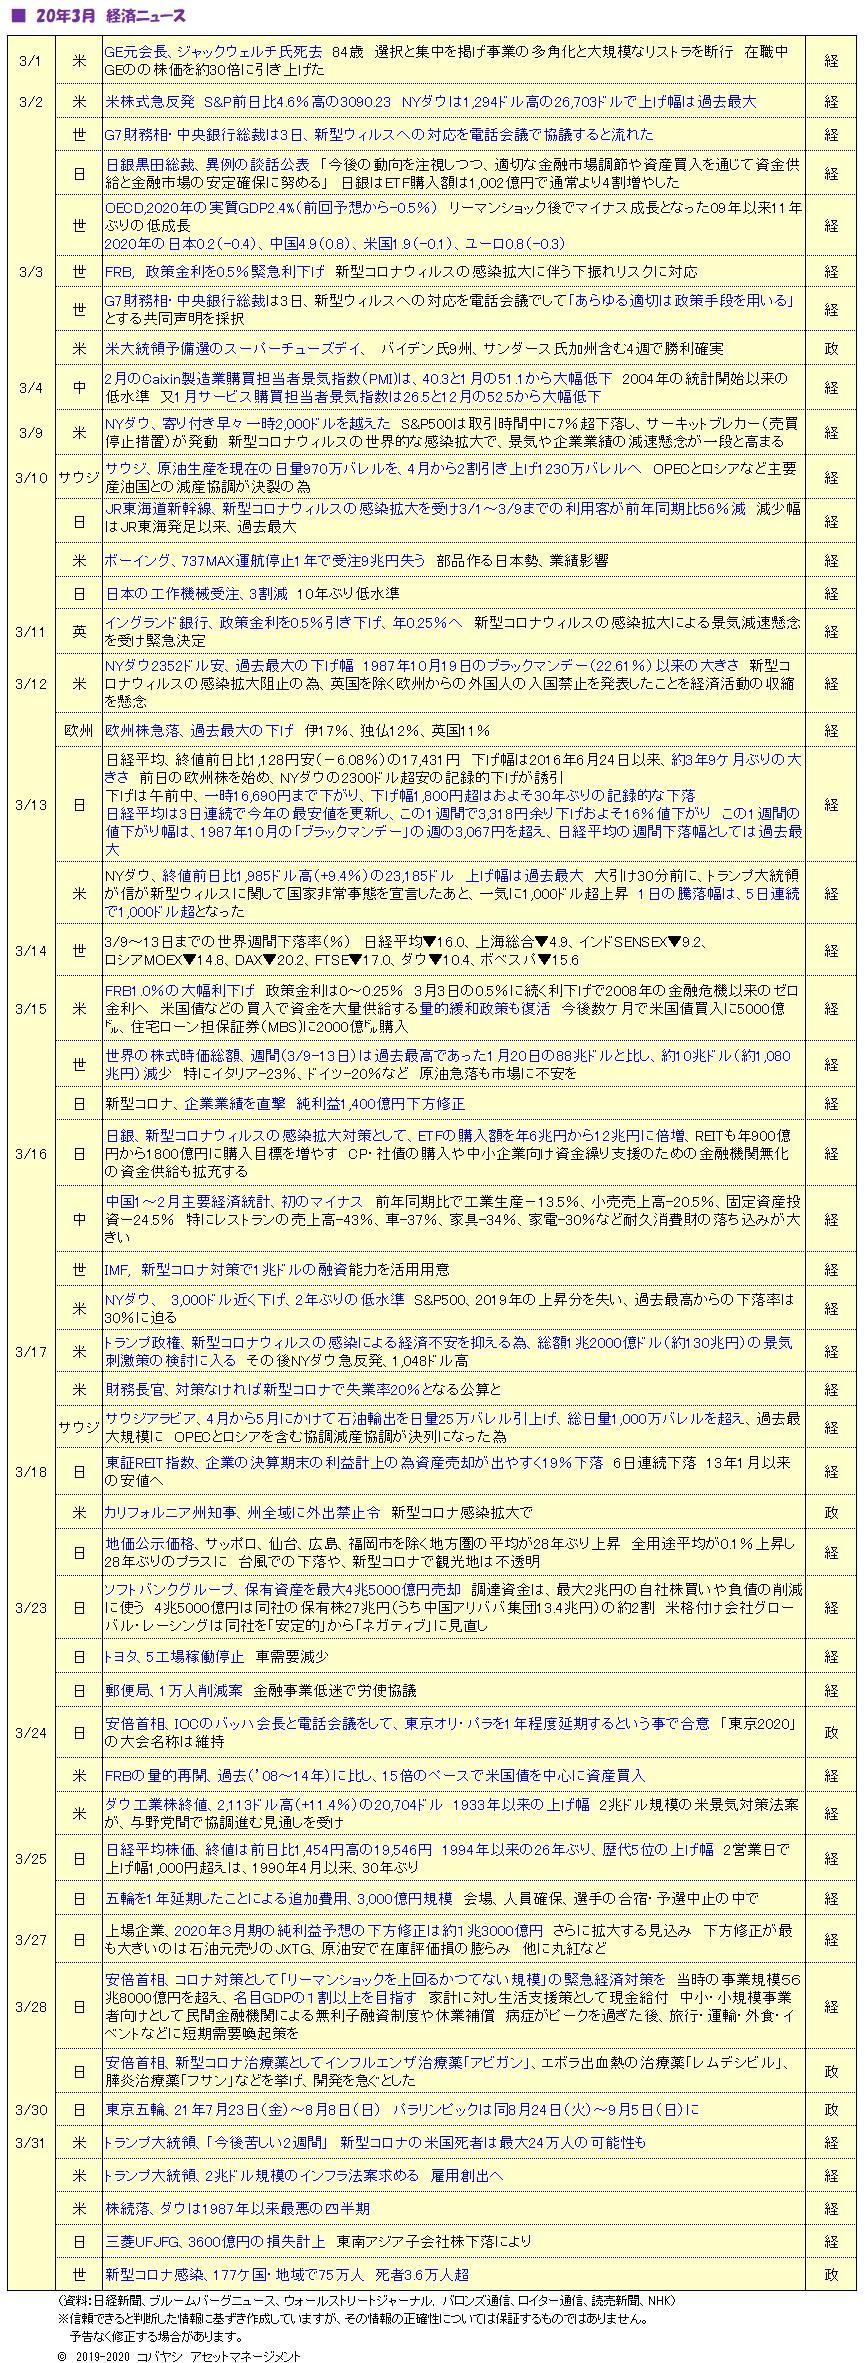 '2003経済ニュース